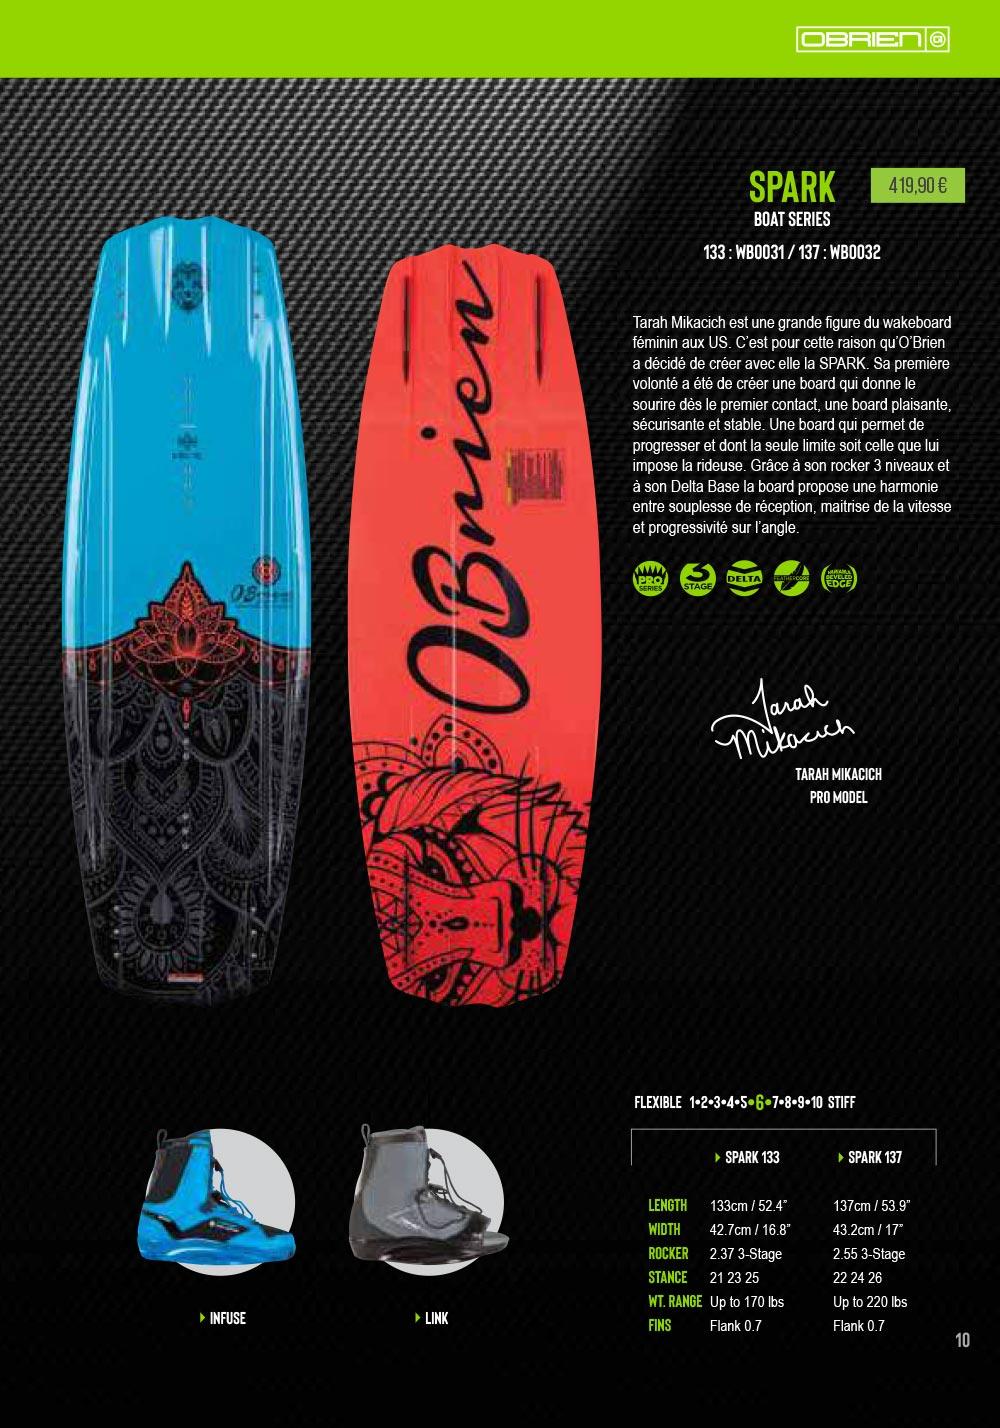 Retrouves le wakeboard spoark de chez Obrien